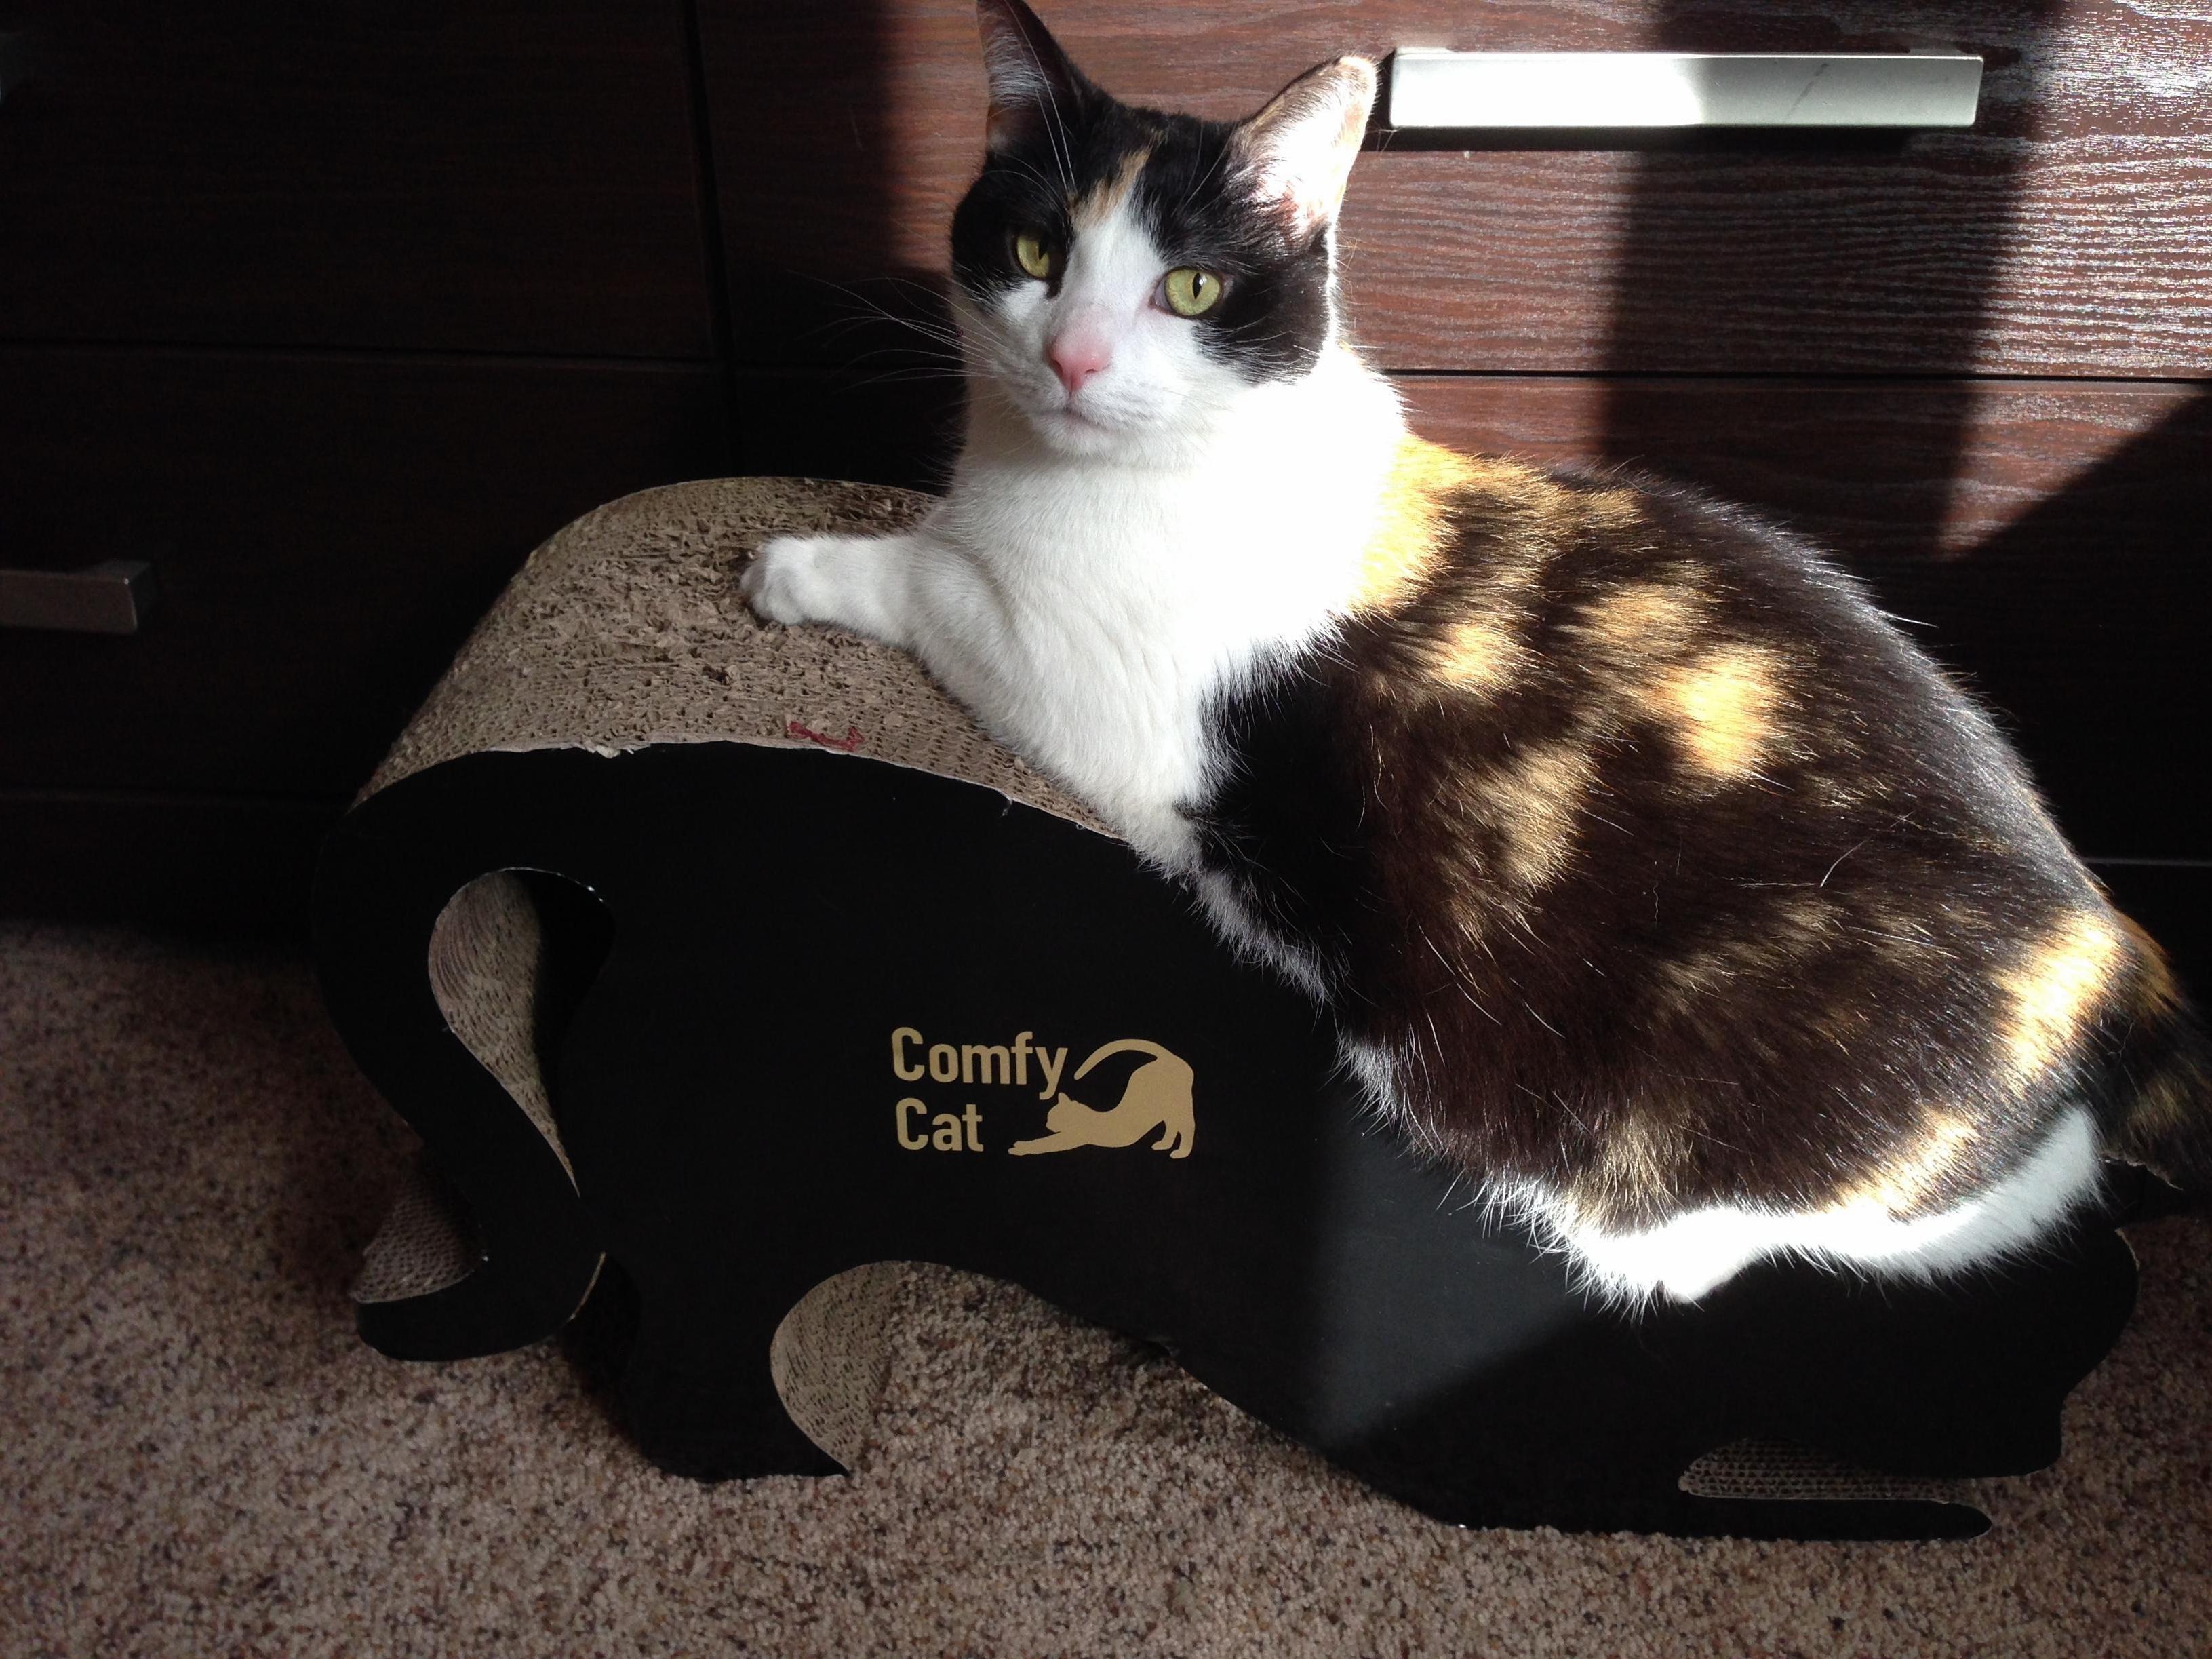 Comfy cat .